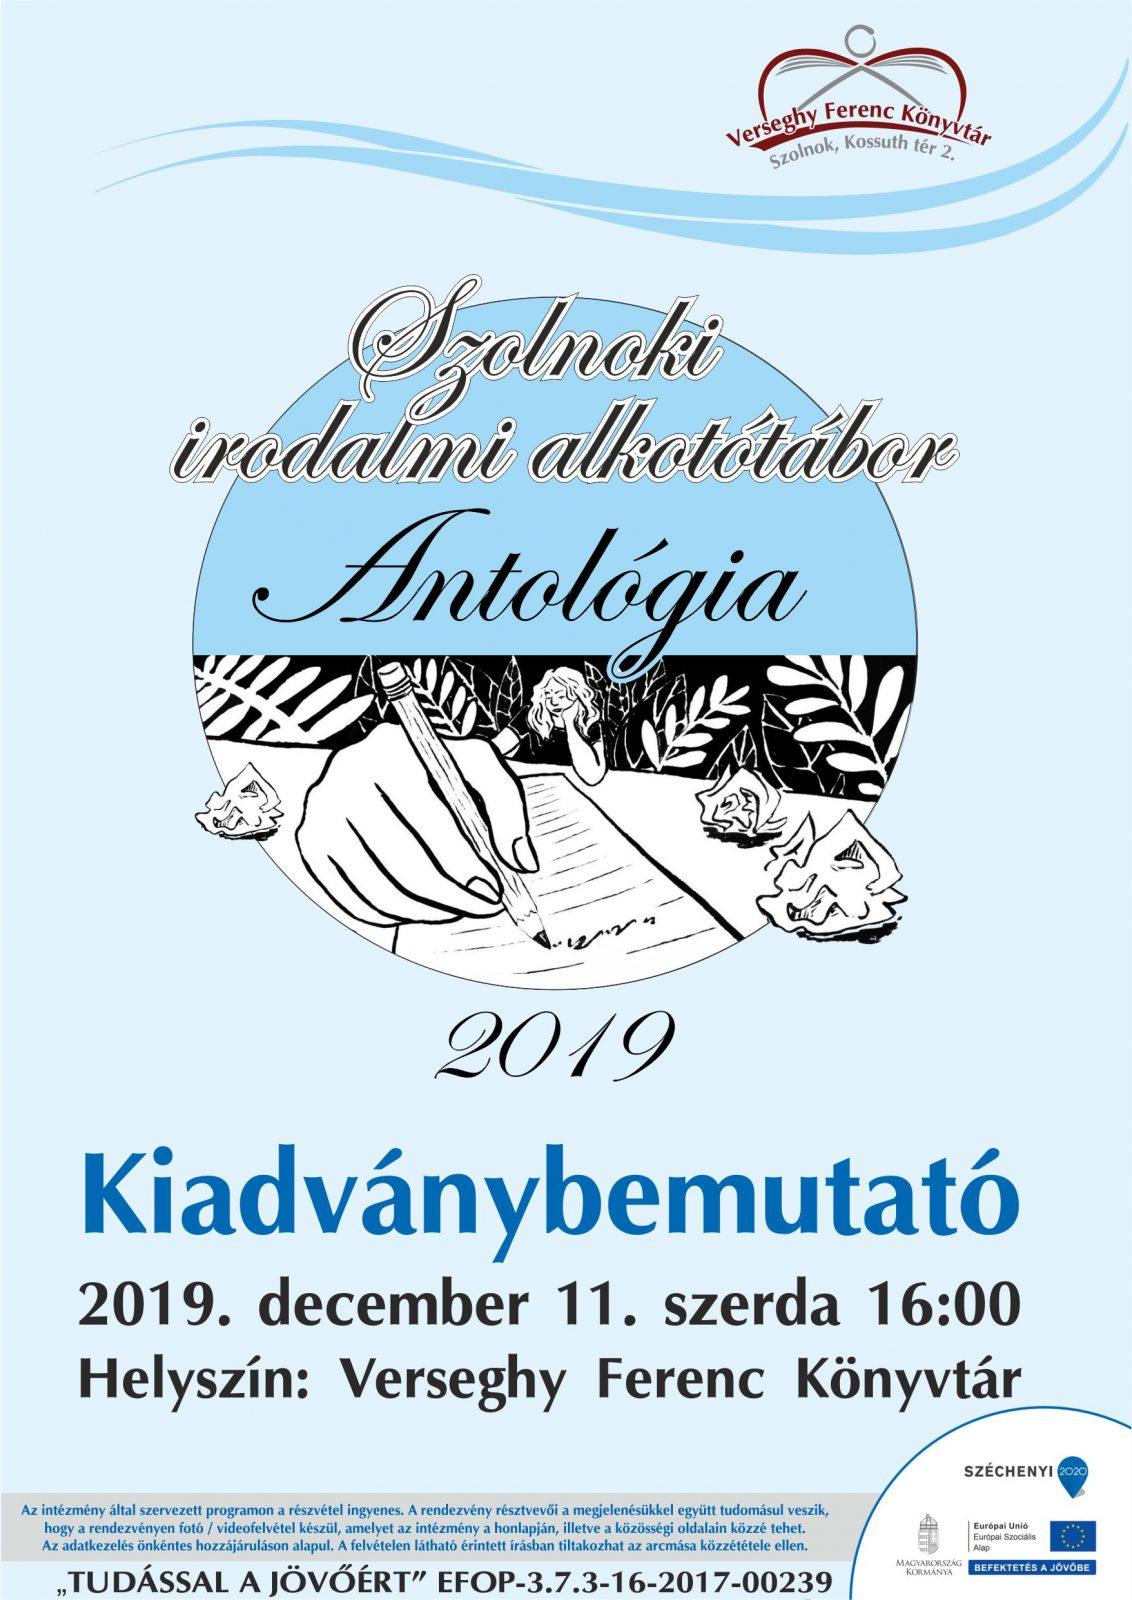 2019.12.11. Szolnoki irodalmi alkotótábor Antológia kiadványbemutató. Plakát.